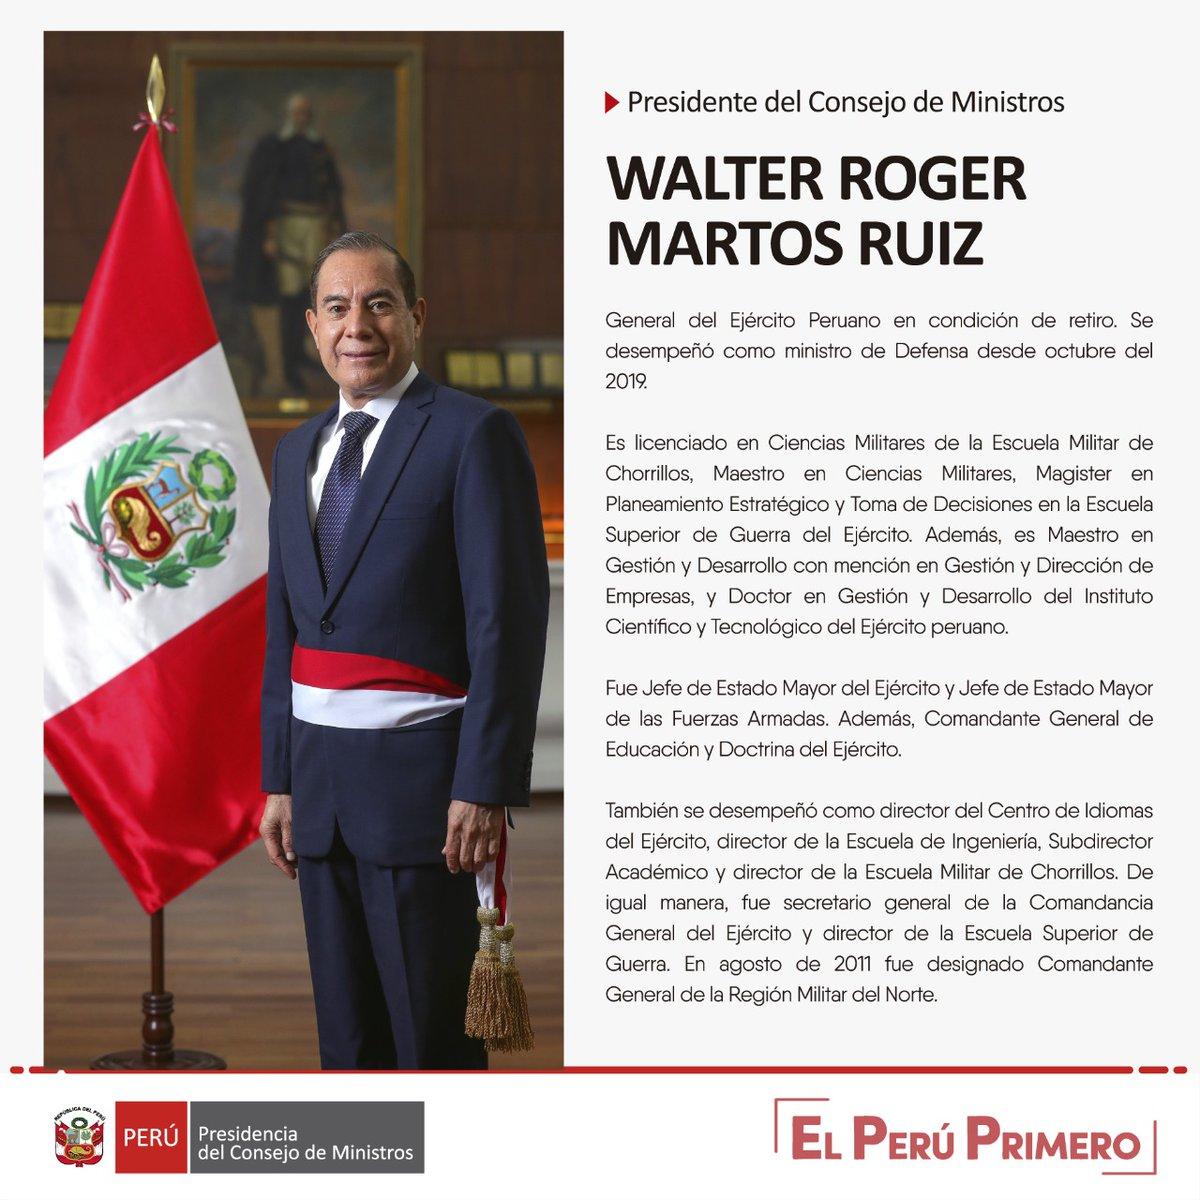 ANA Perú (@ANAPeru) | Twitter